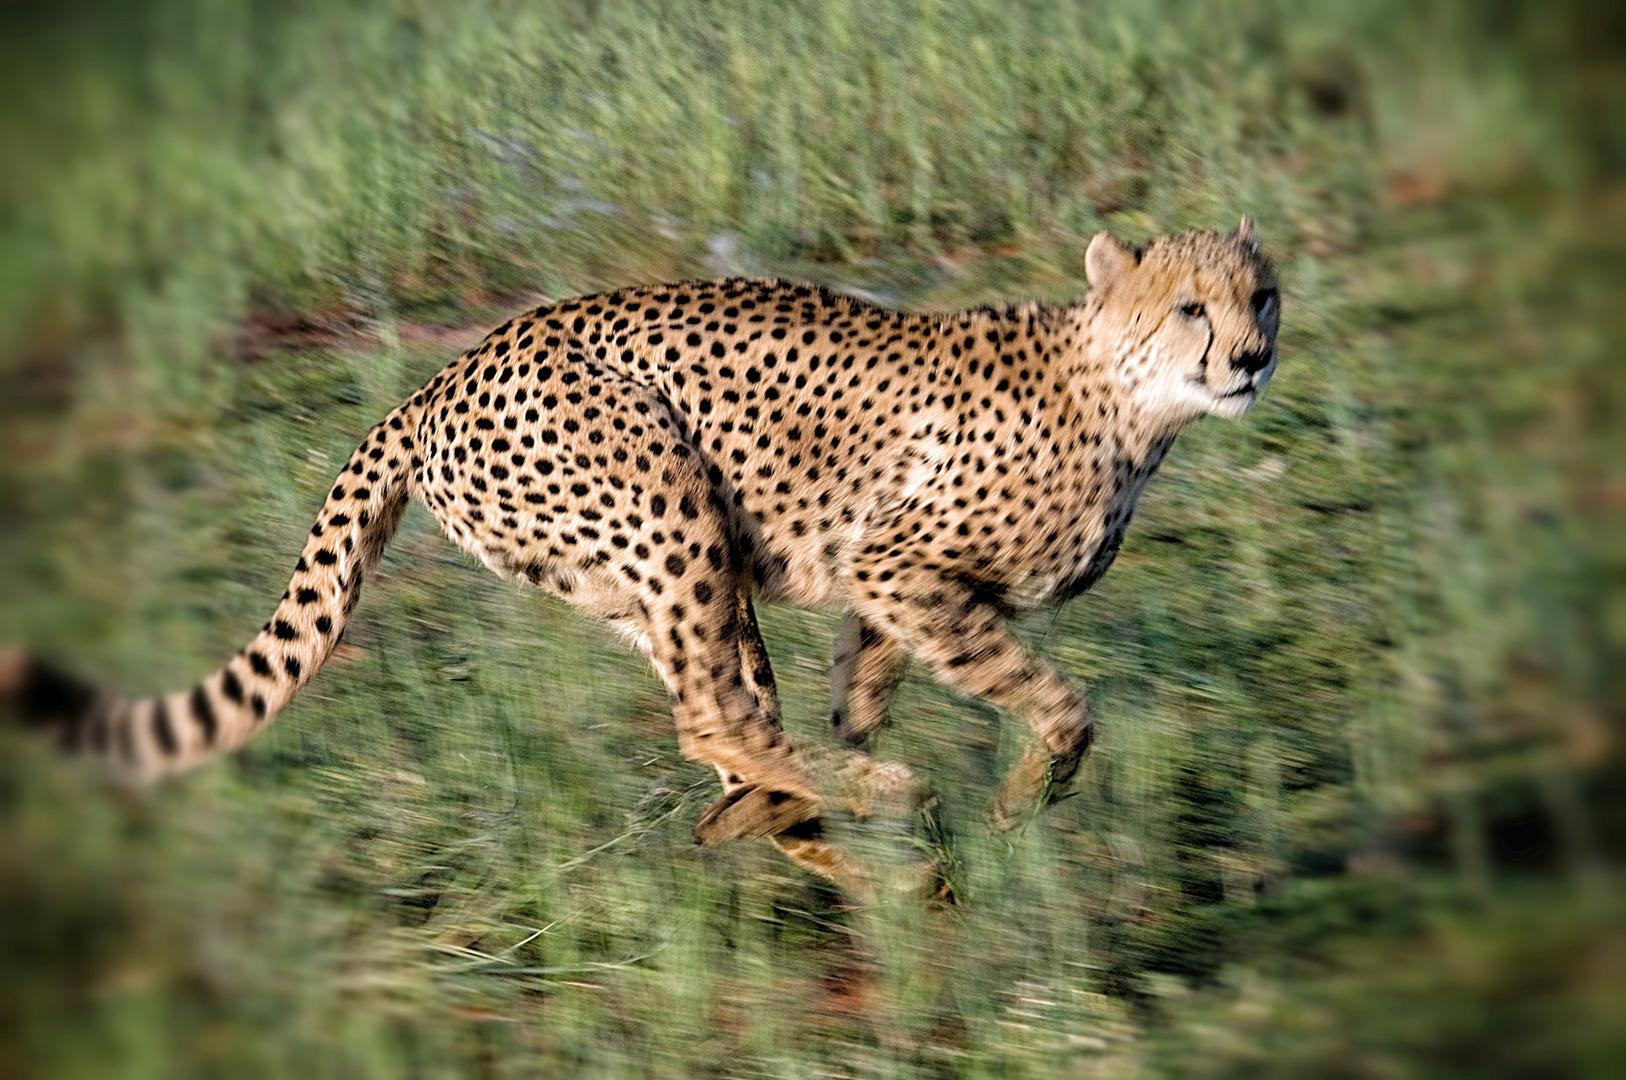 Gepardengeschwindigkeit in Namibia